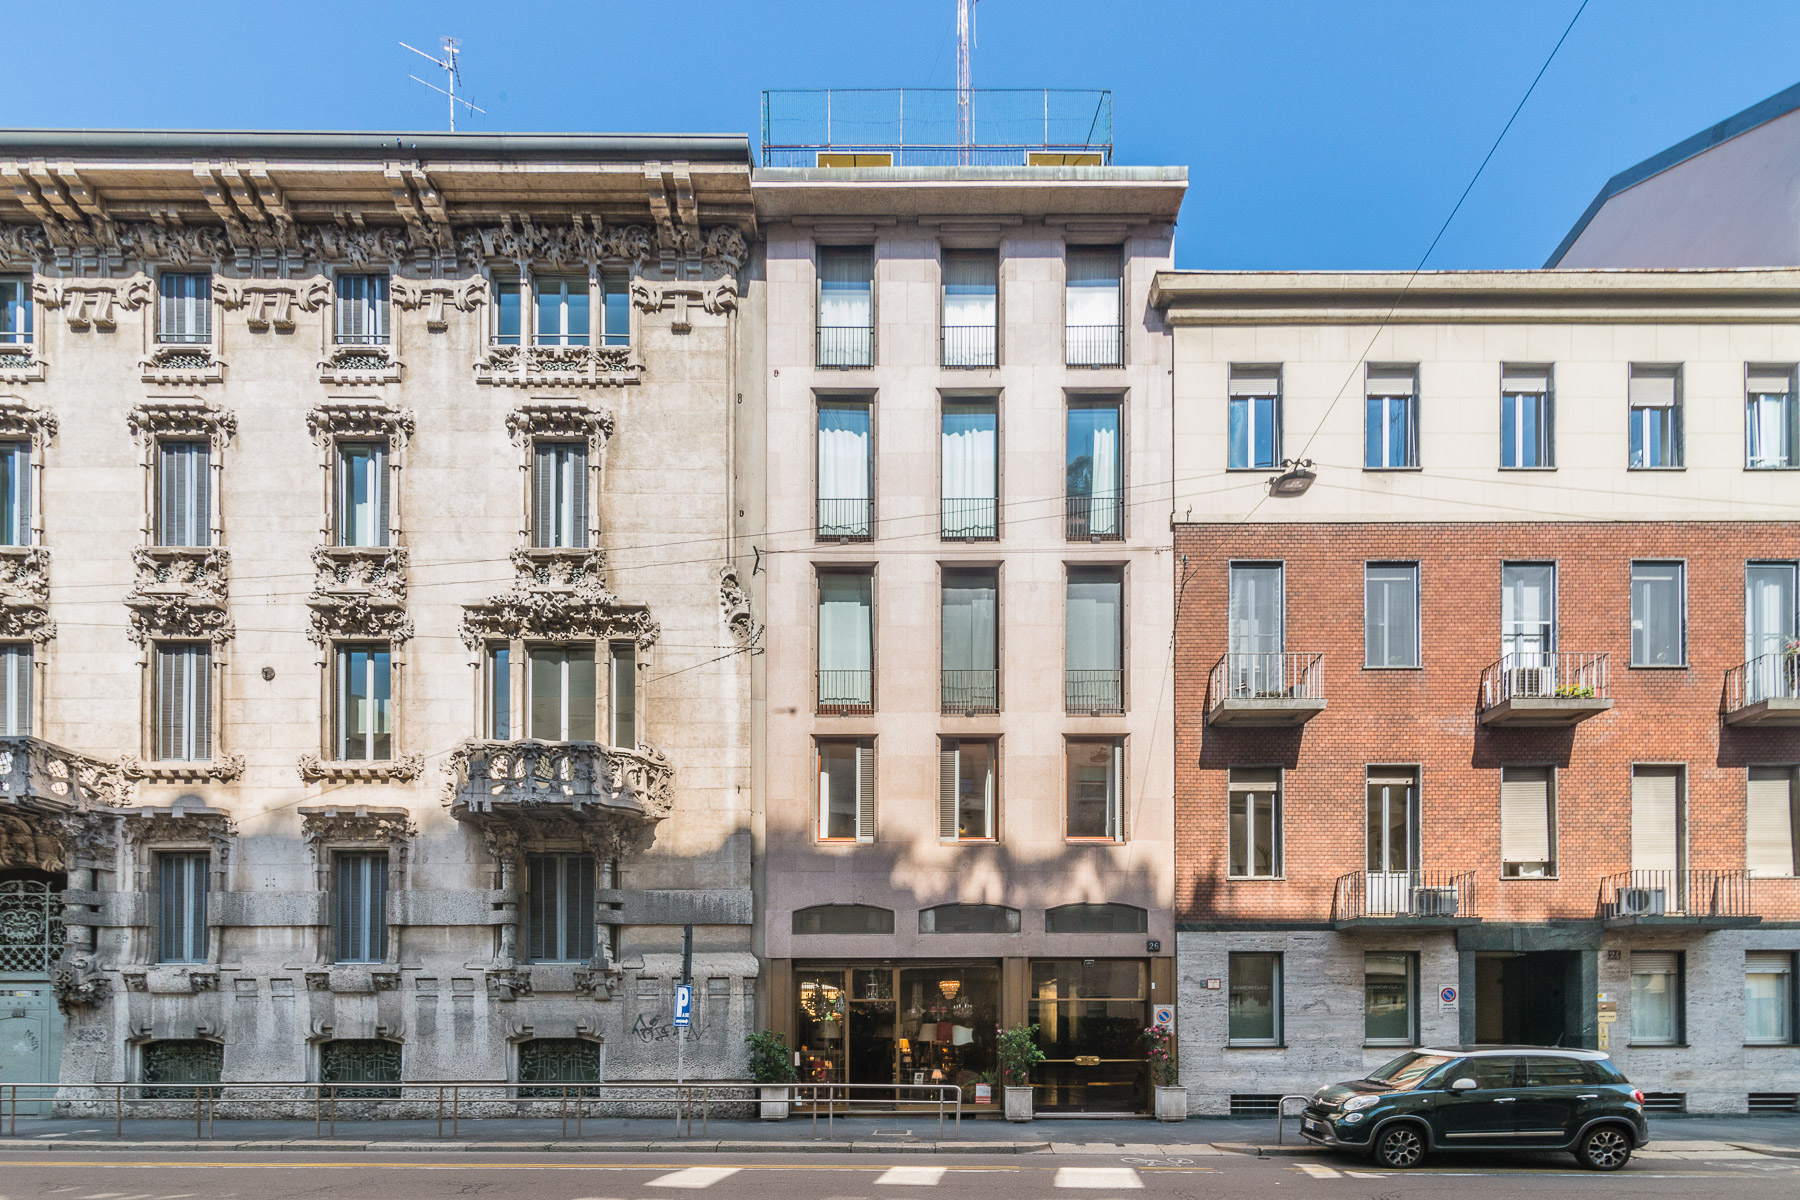 Attico in Vendita a Milano via senato